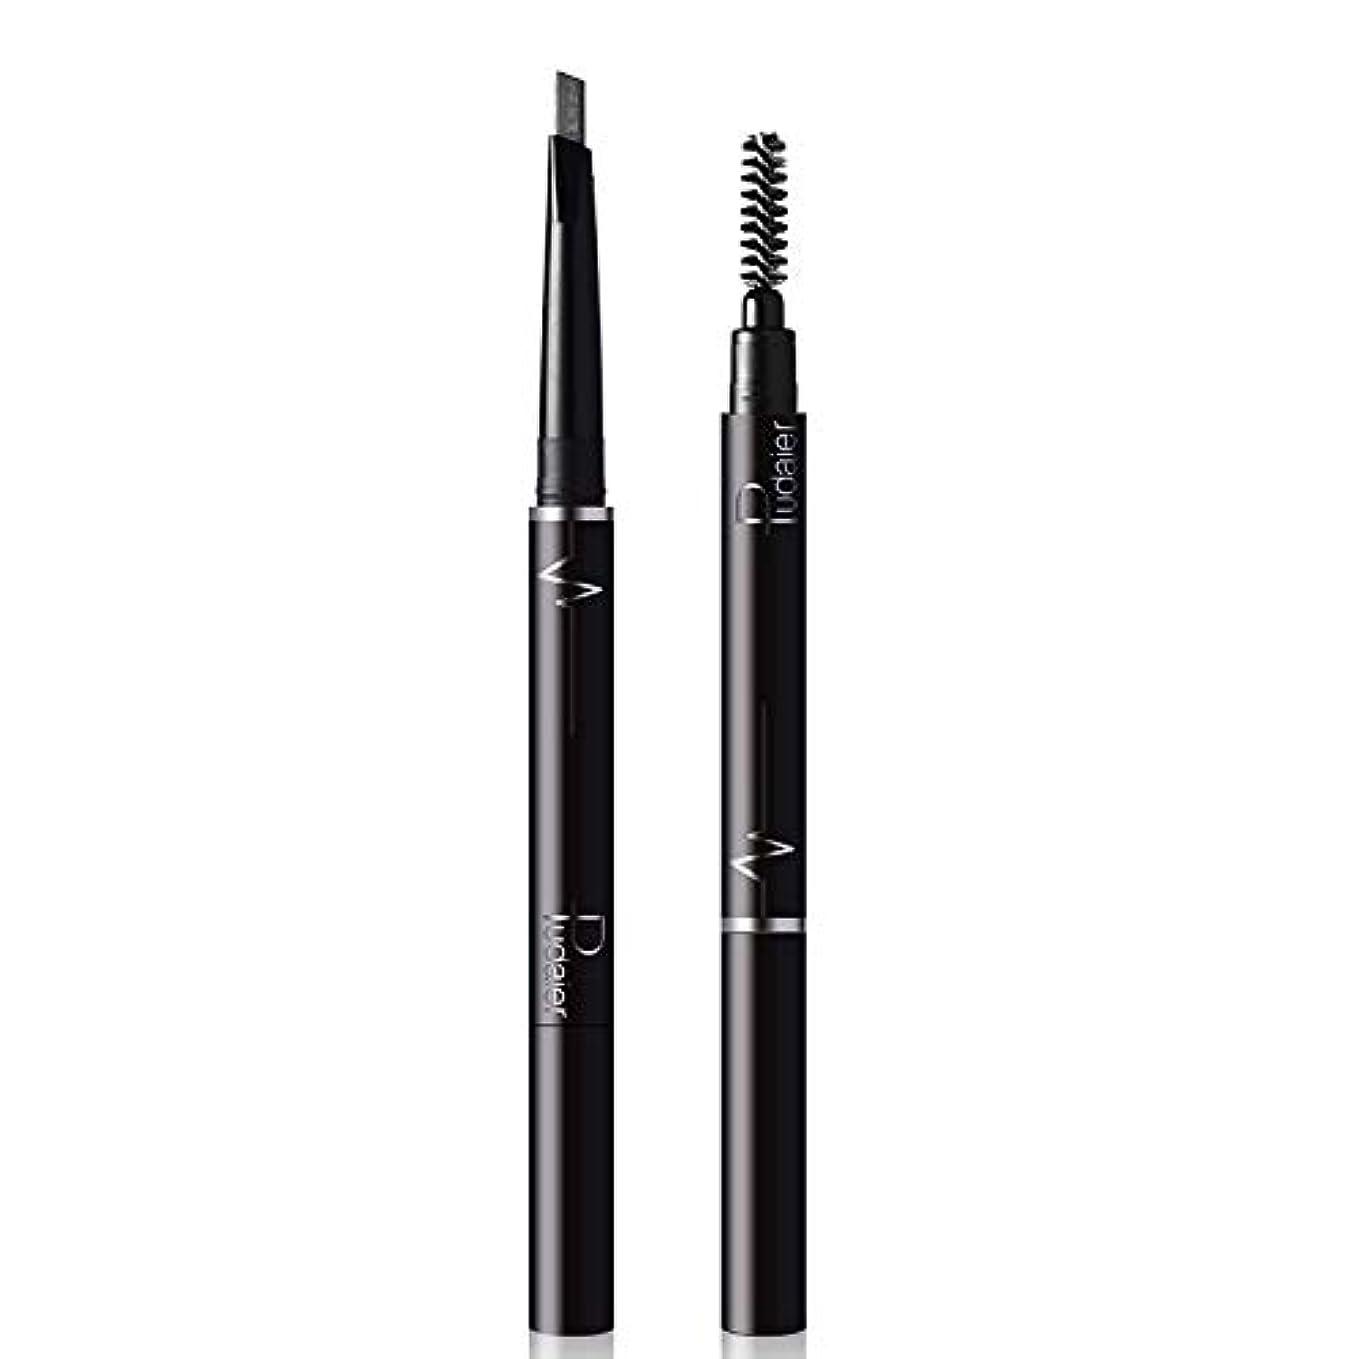 Symboat アイブロウペンシル アイラインペン メイクアップペン 防水 防汗 長持ち メイクアップツール